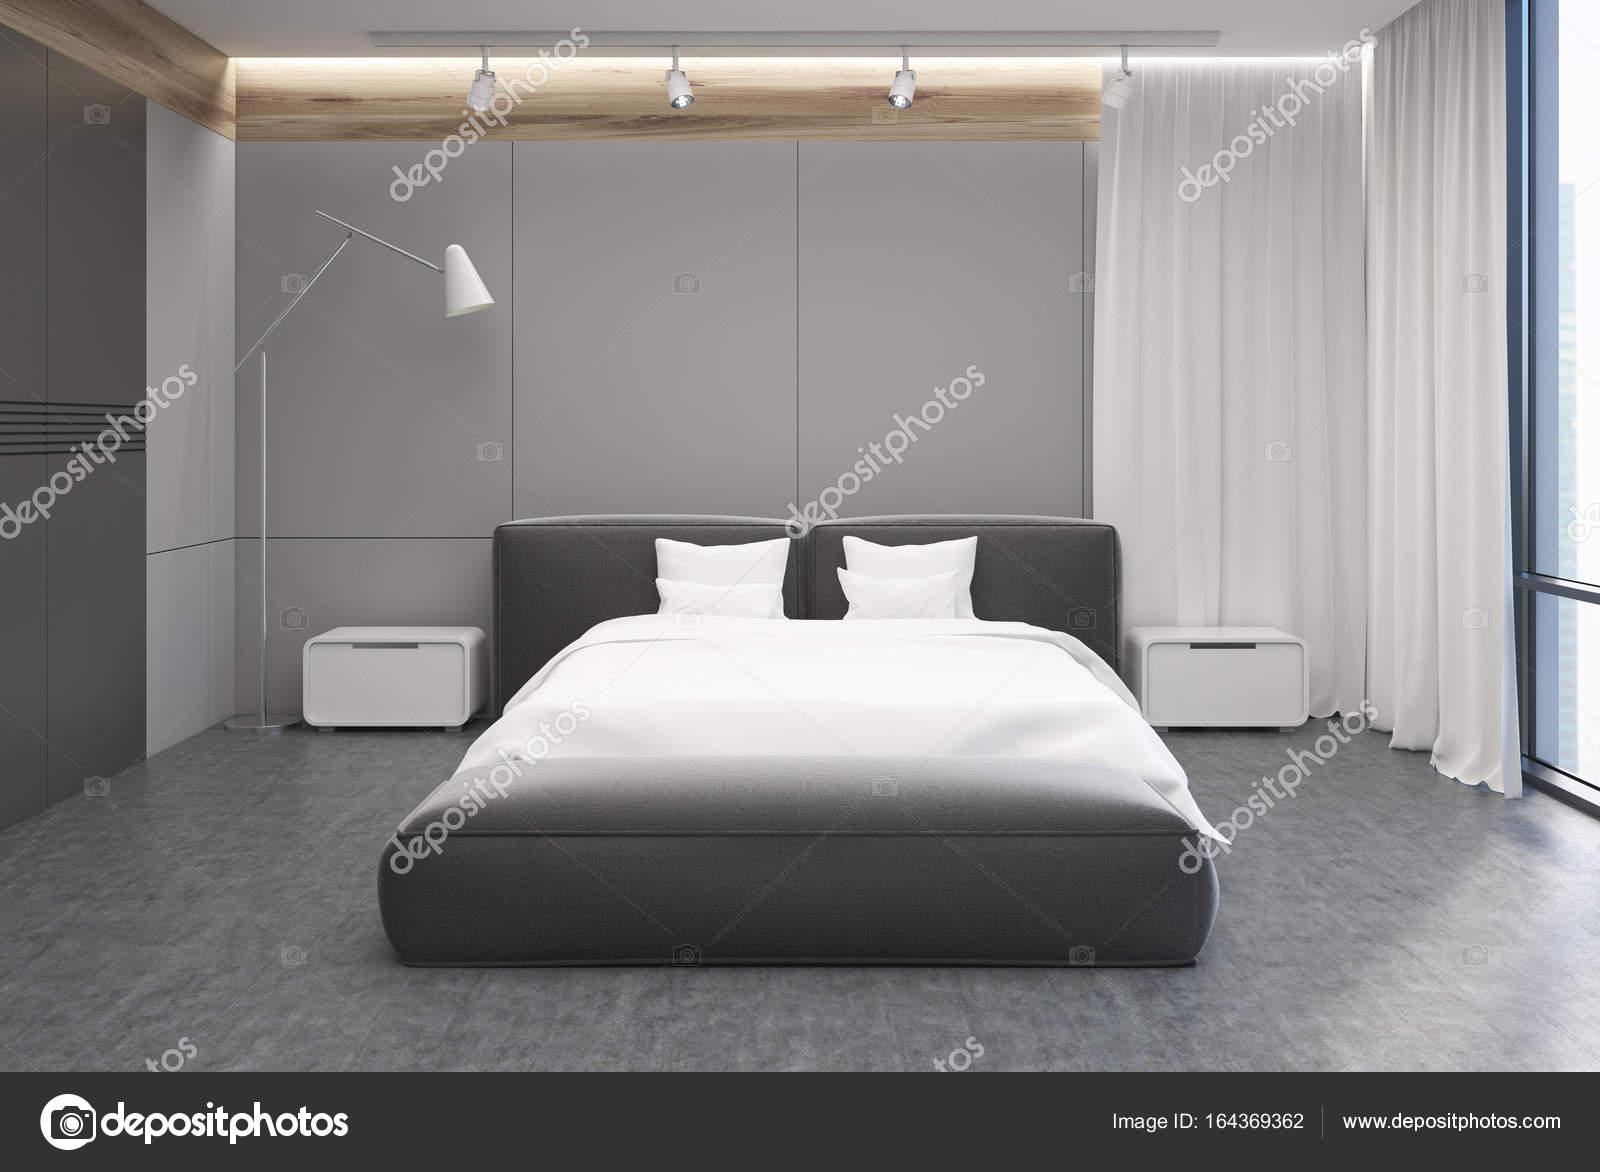 Slaapkamer Interieur Grijs : Grijze en witte slaapkamer interieur u stockfoto denisismagilov